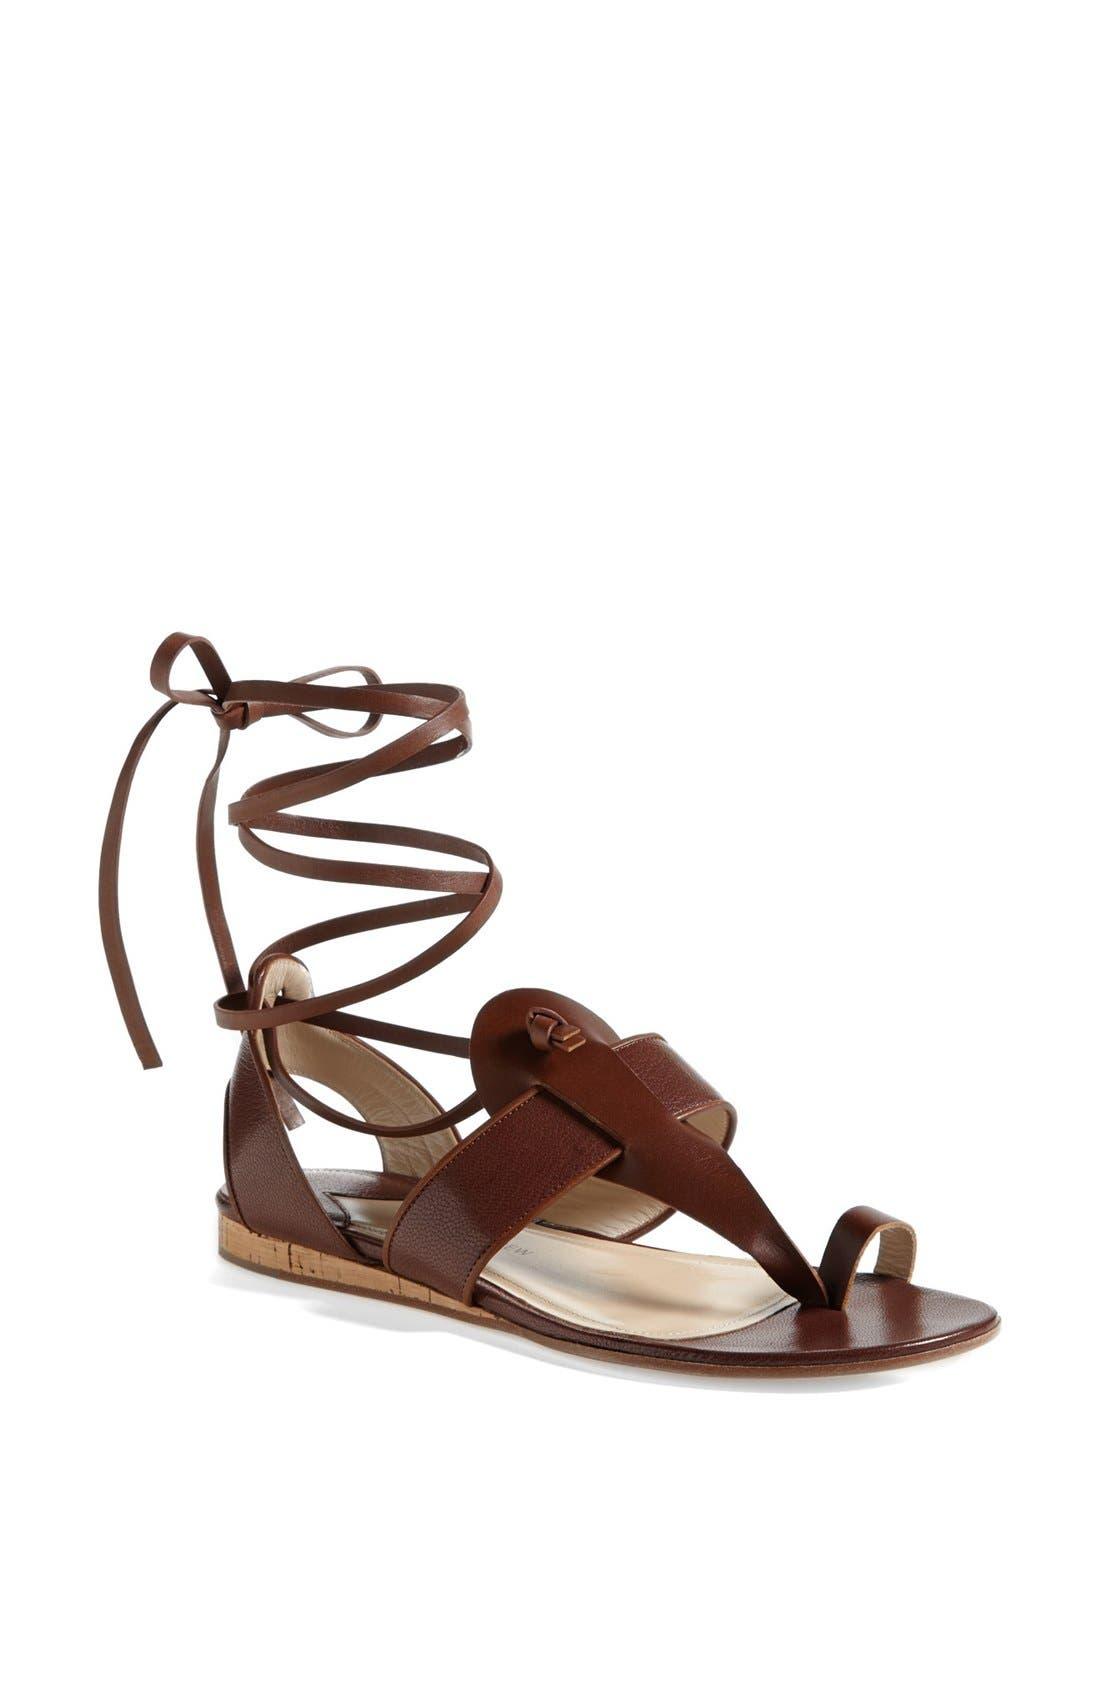 Alternate Image 1 Selected - Paul Andrew 'Persica' Sandal